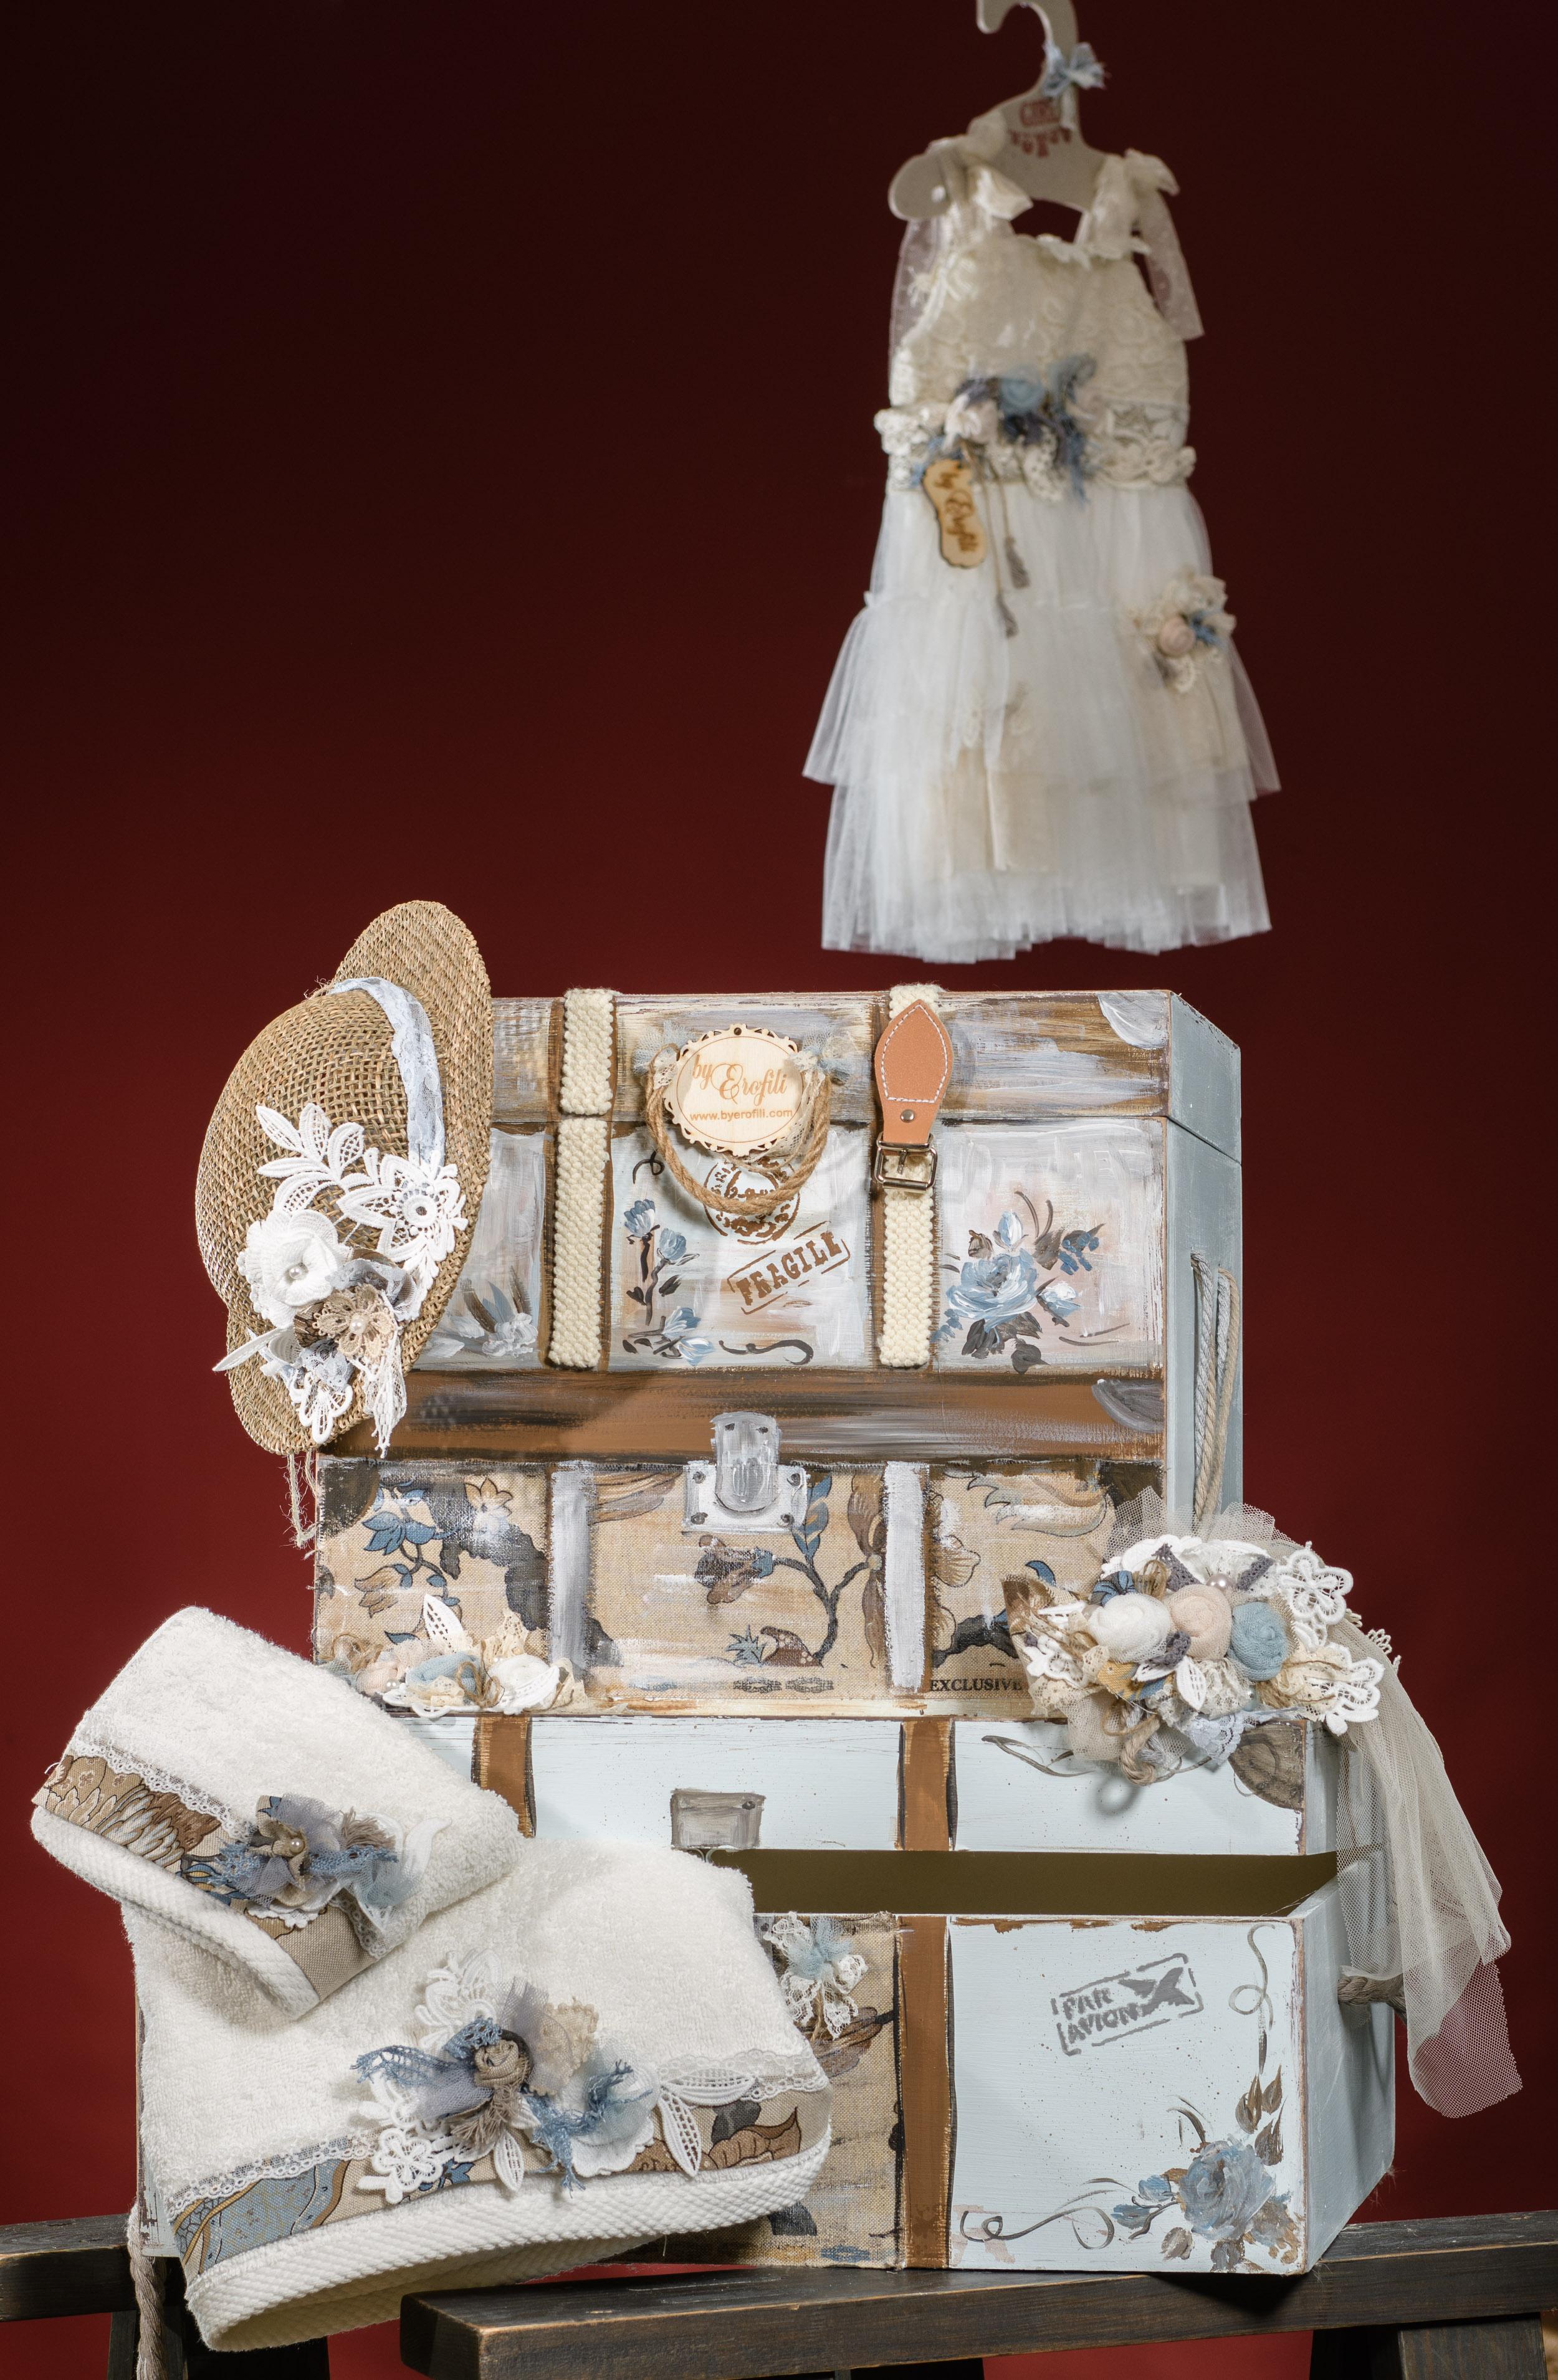 Ένα boho σετ βάπτισης για κορίτσι σε γαλάζιους τόνους με θέμα τις βαλίτσες. Περιλαμβάνει: Βαλιτσάκι βάφτισης διακοσμημένο και ζωγραφισμένο στο χέρι Κουτί βάφτισης ζωγραφισμένο στο χέρι Πετσετάκια και λαδοπάνα διακοσμημένα με υφασμάτινα λουλούδια Για ταξιδιάρικες στιγμές!